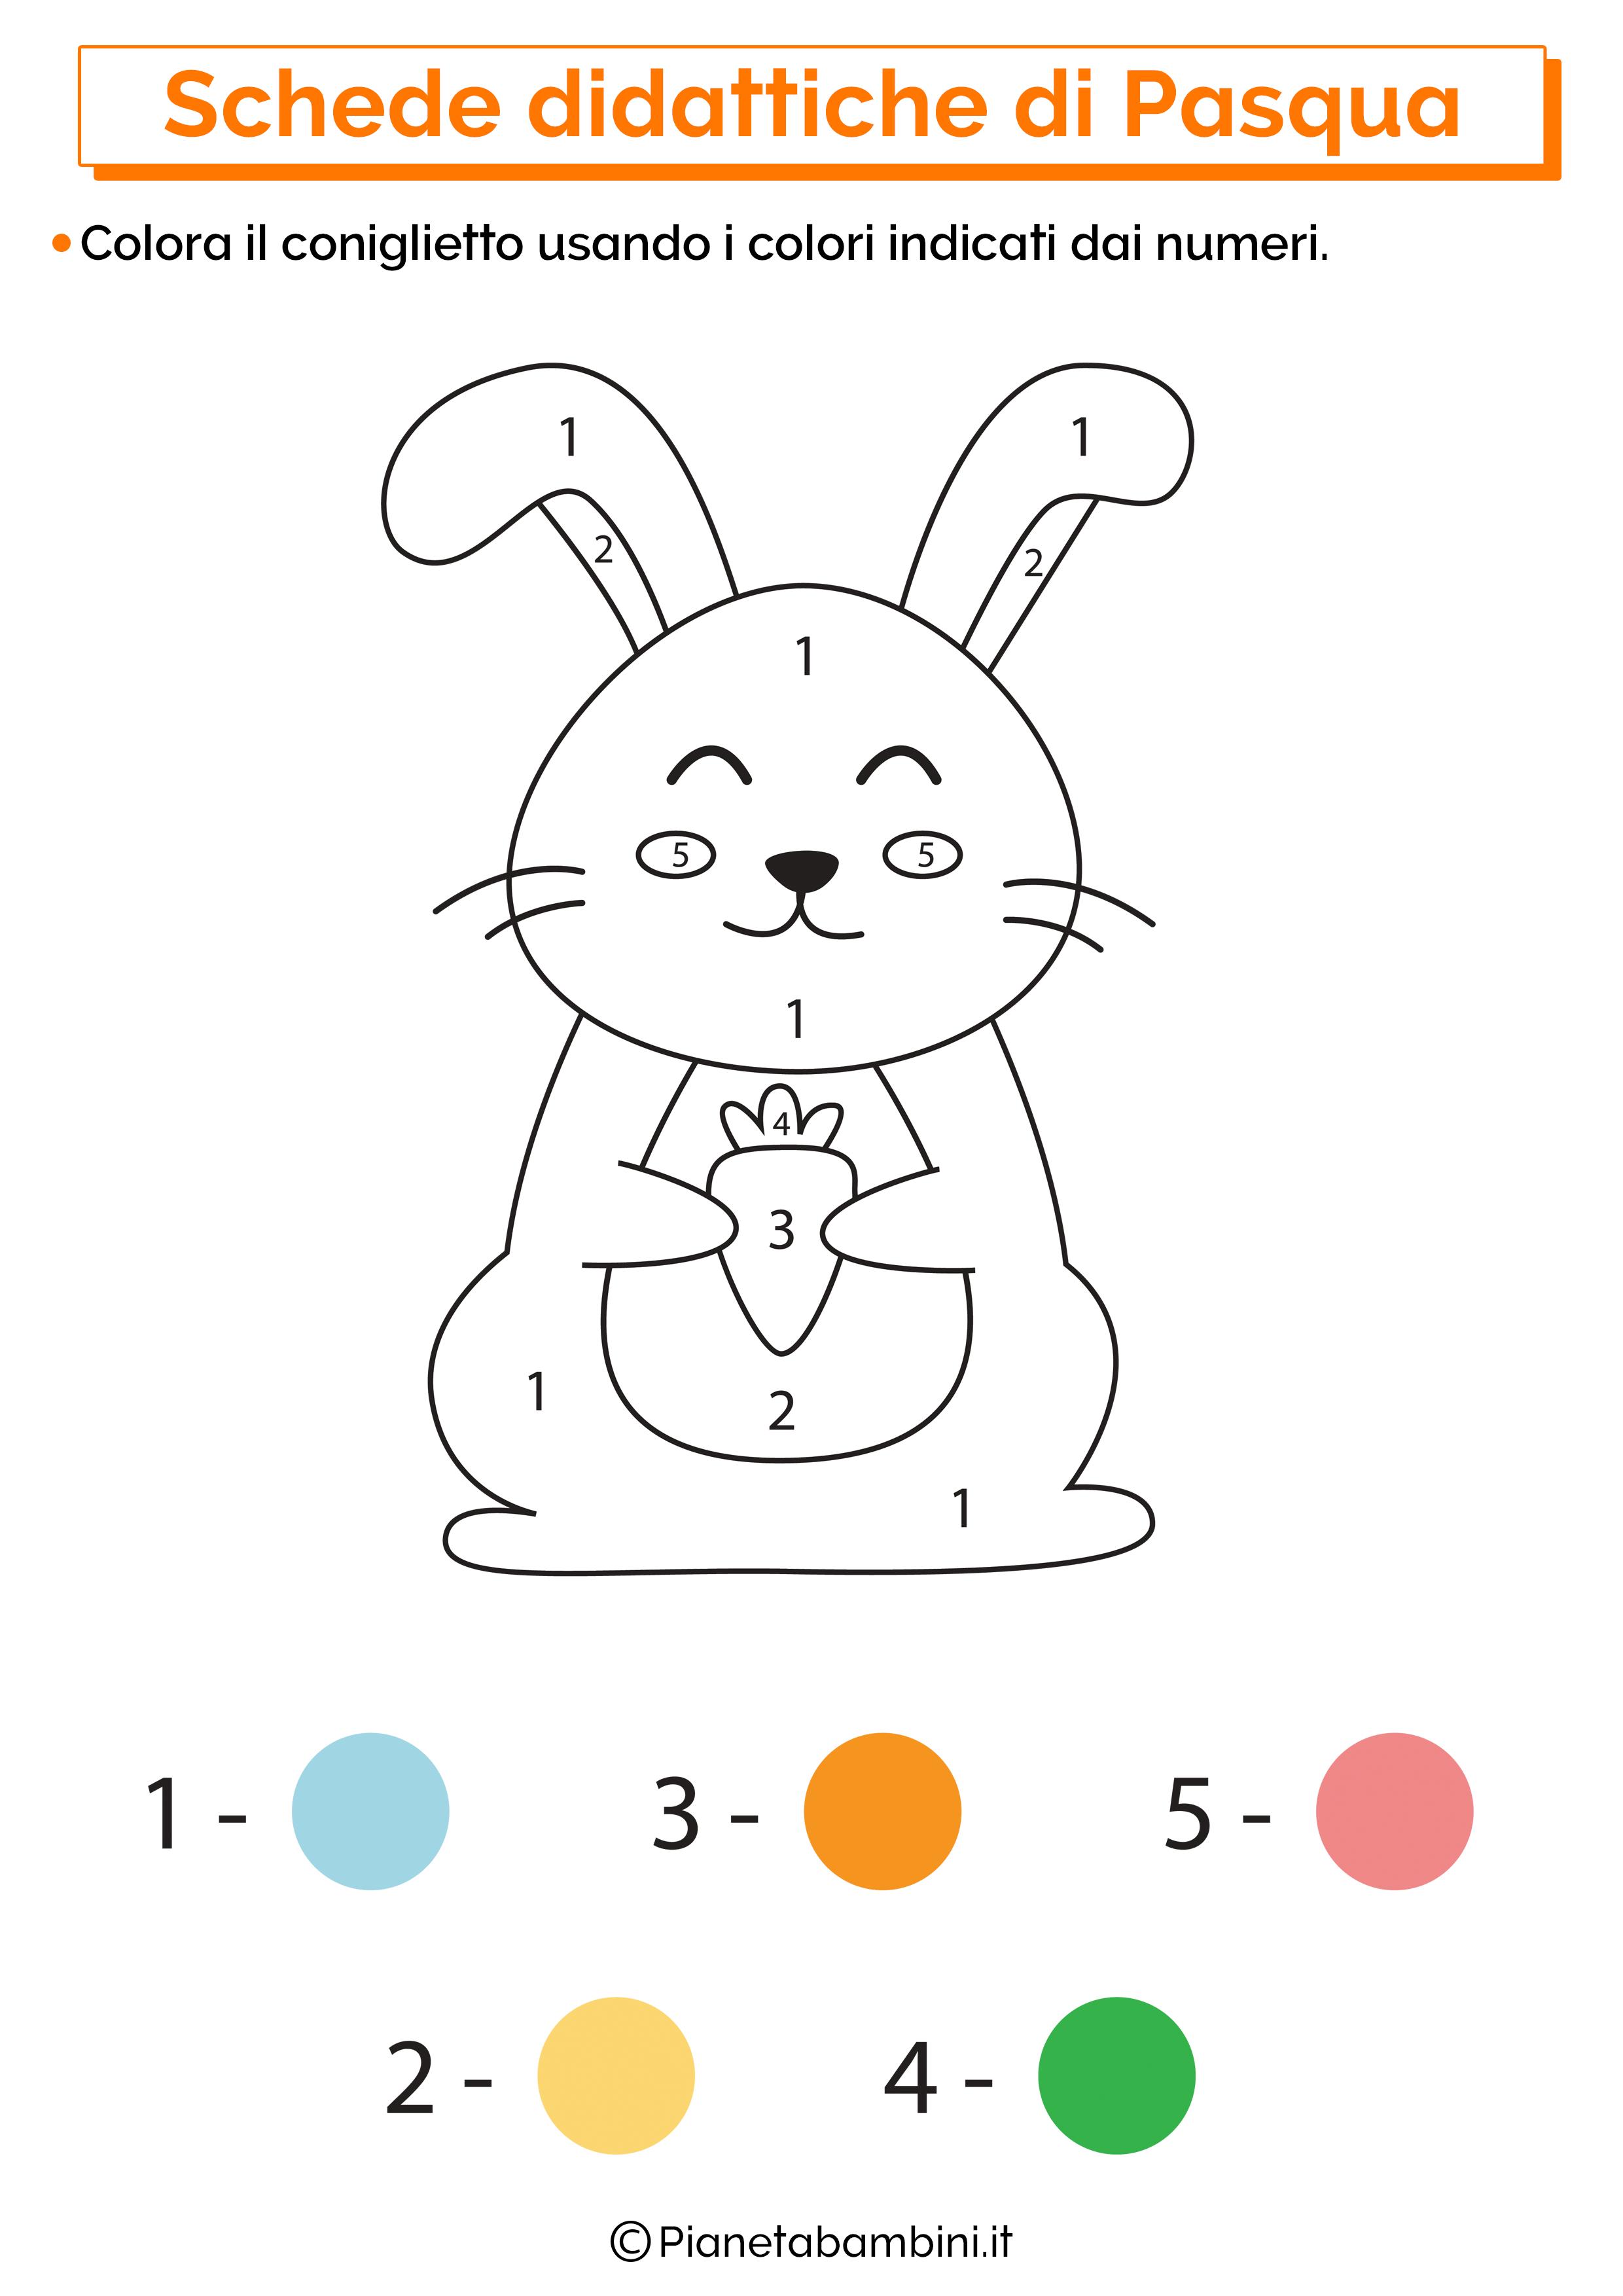 Scheda didattica di Pasqua per la scuola dell'infanzia 14